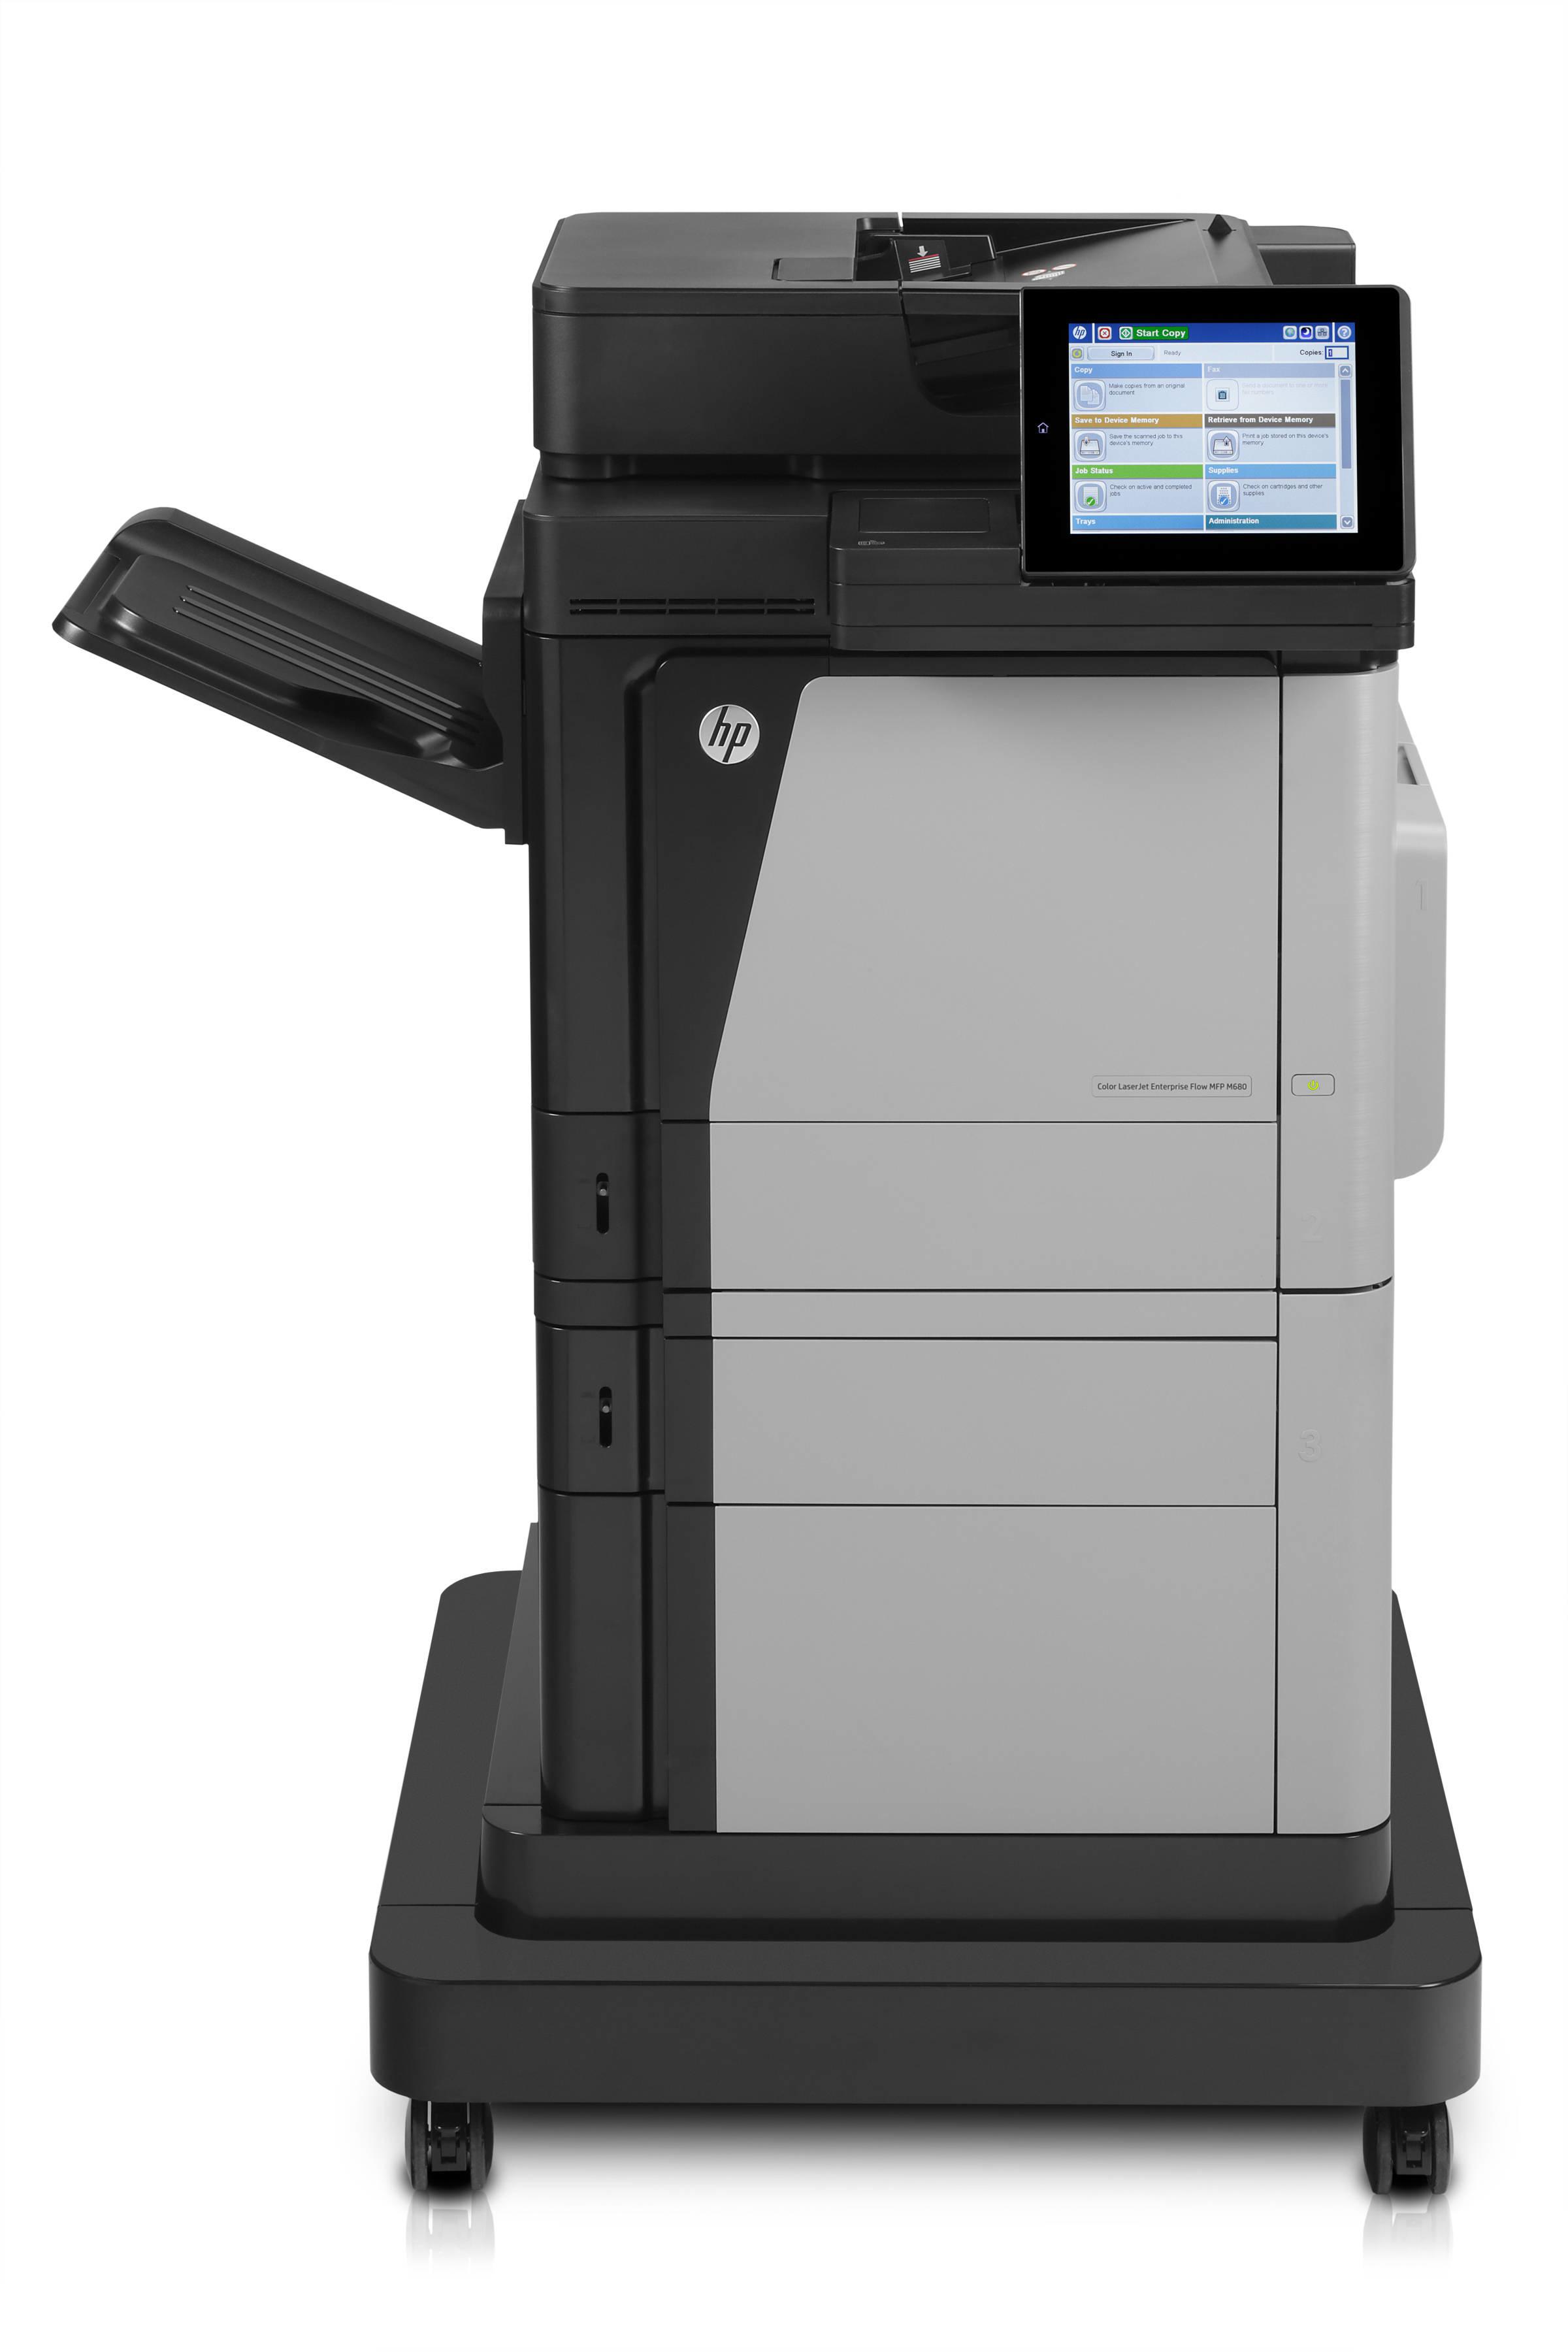 LaserJet M680F Laser Multifunction Printer - Color - Plain Paper Print - Desktop - Copier/Fax/Printer/Scanner - 45 ppm Mono/45 ppm Color Print - 1200 x 1200 dpi Print - 45 cpm Mono/45 cpm Color Copy - 8 inch Touchscreen - 600 dpi Optical Scan - Automatic